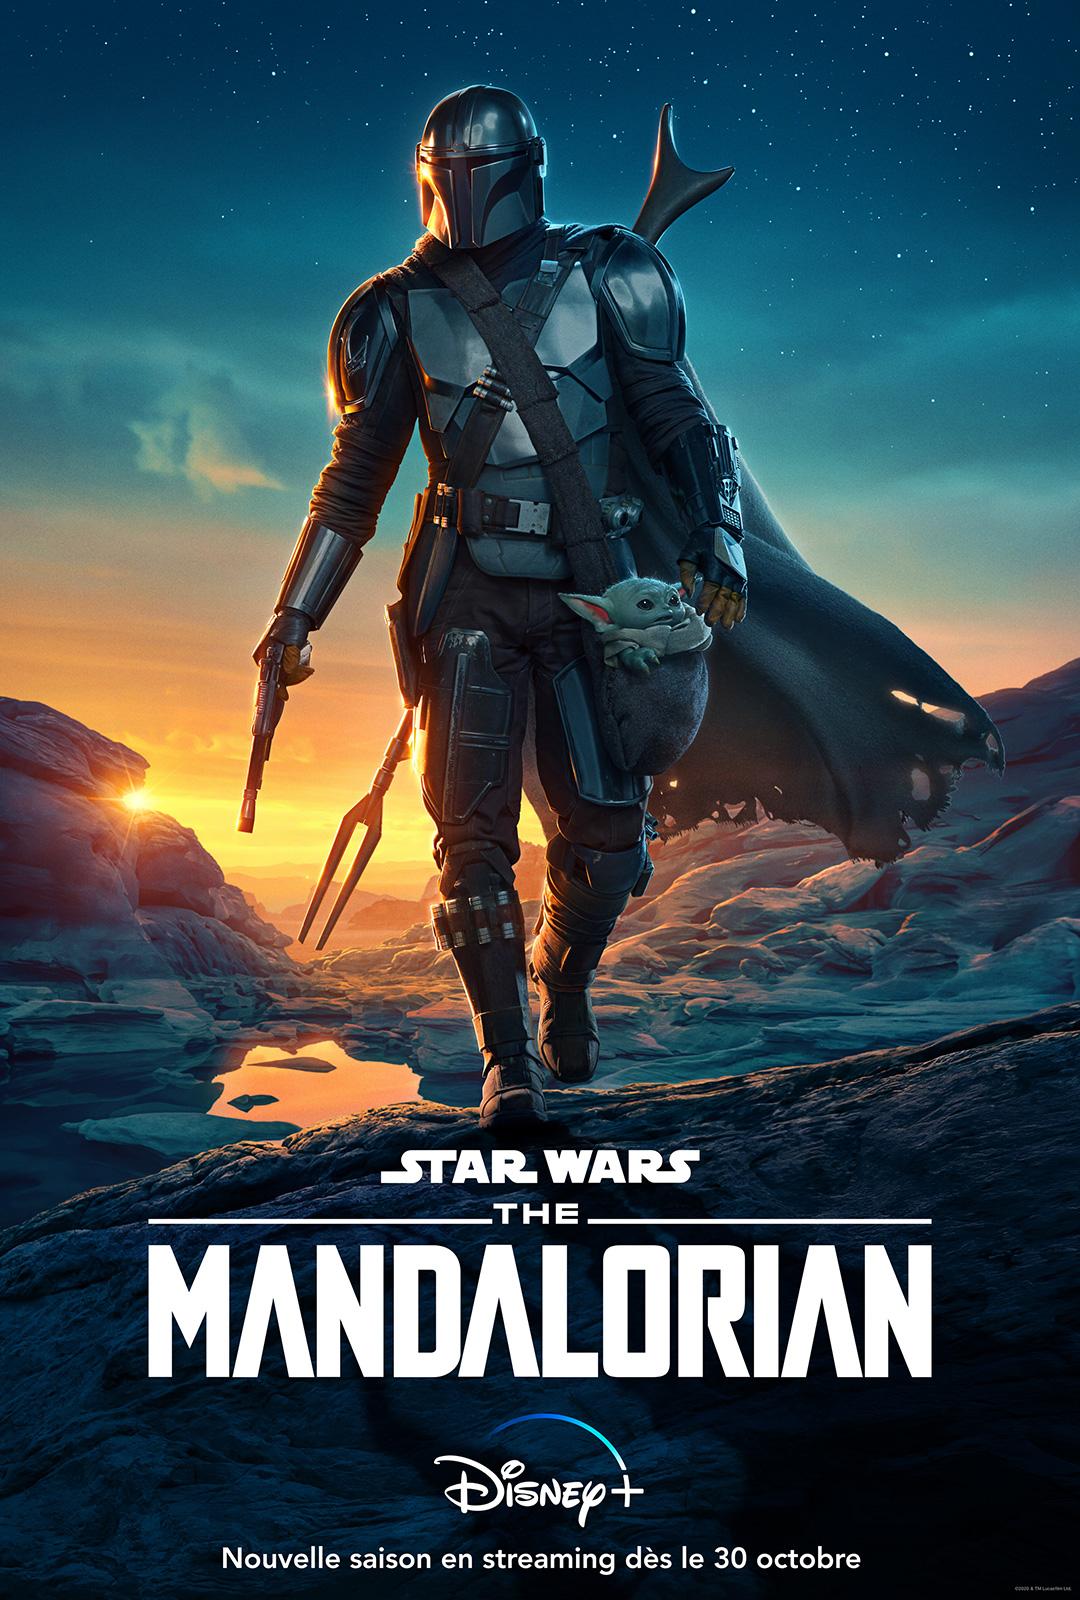 6 - The Mandalorian